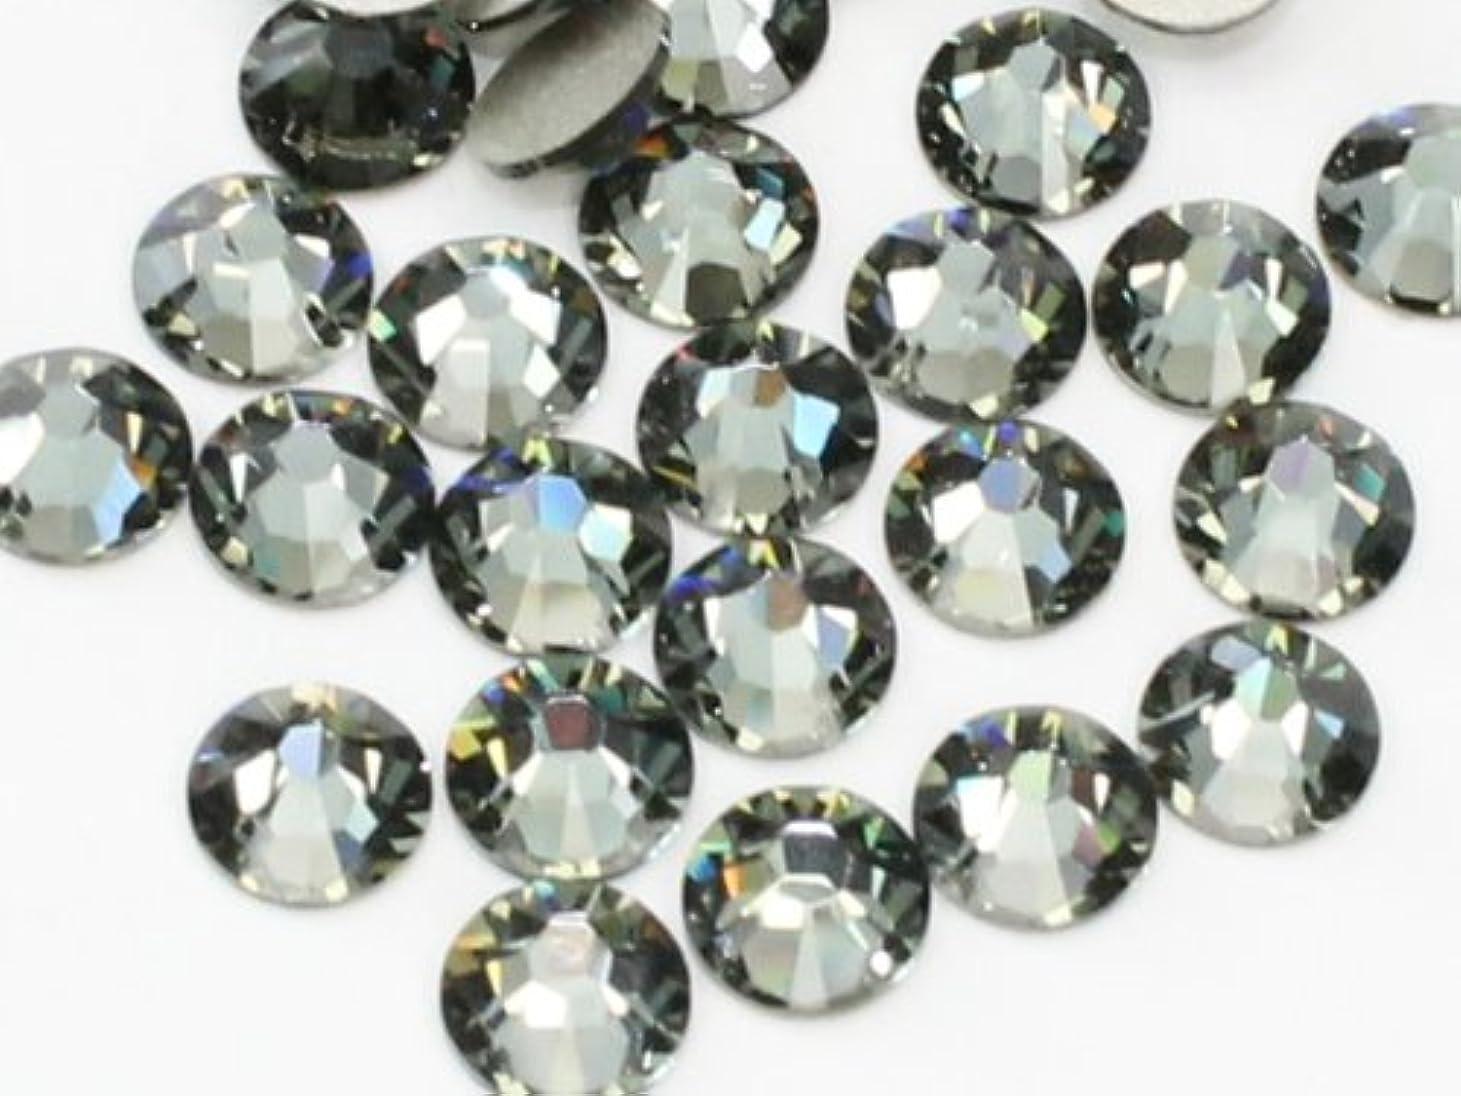 またはる天国2058ブラックダイヤモンドss16(100粒入り)スワロフスキーラインストーン(nohotfix)